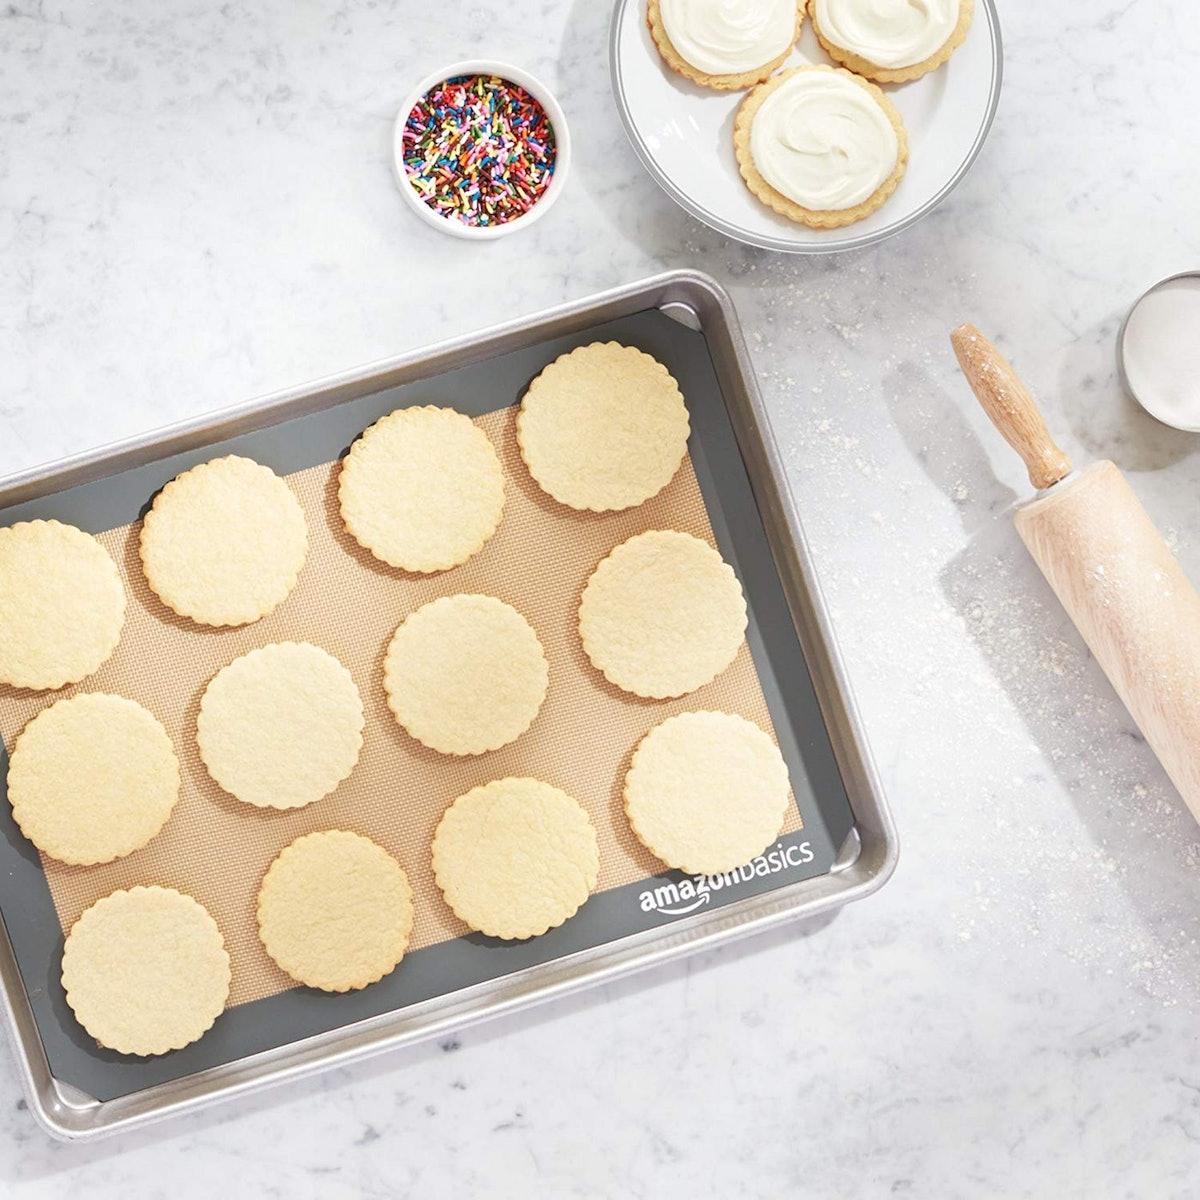 Amazon Basics Silicone Baking Mat (Set Of 2)